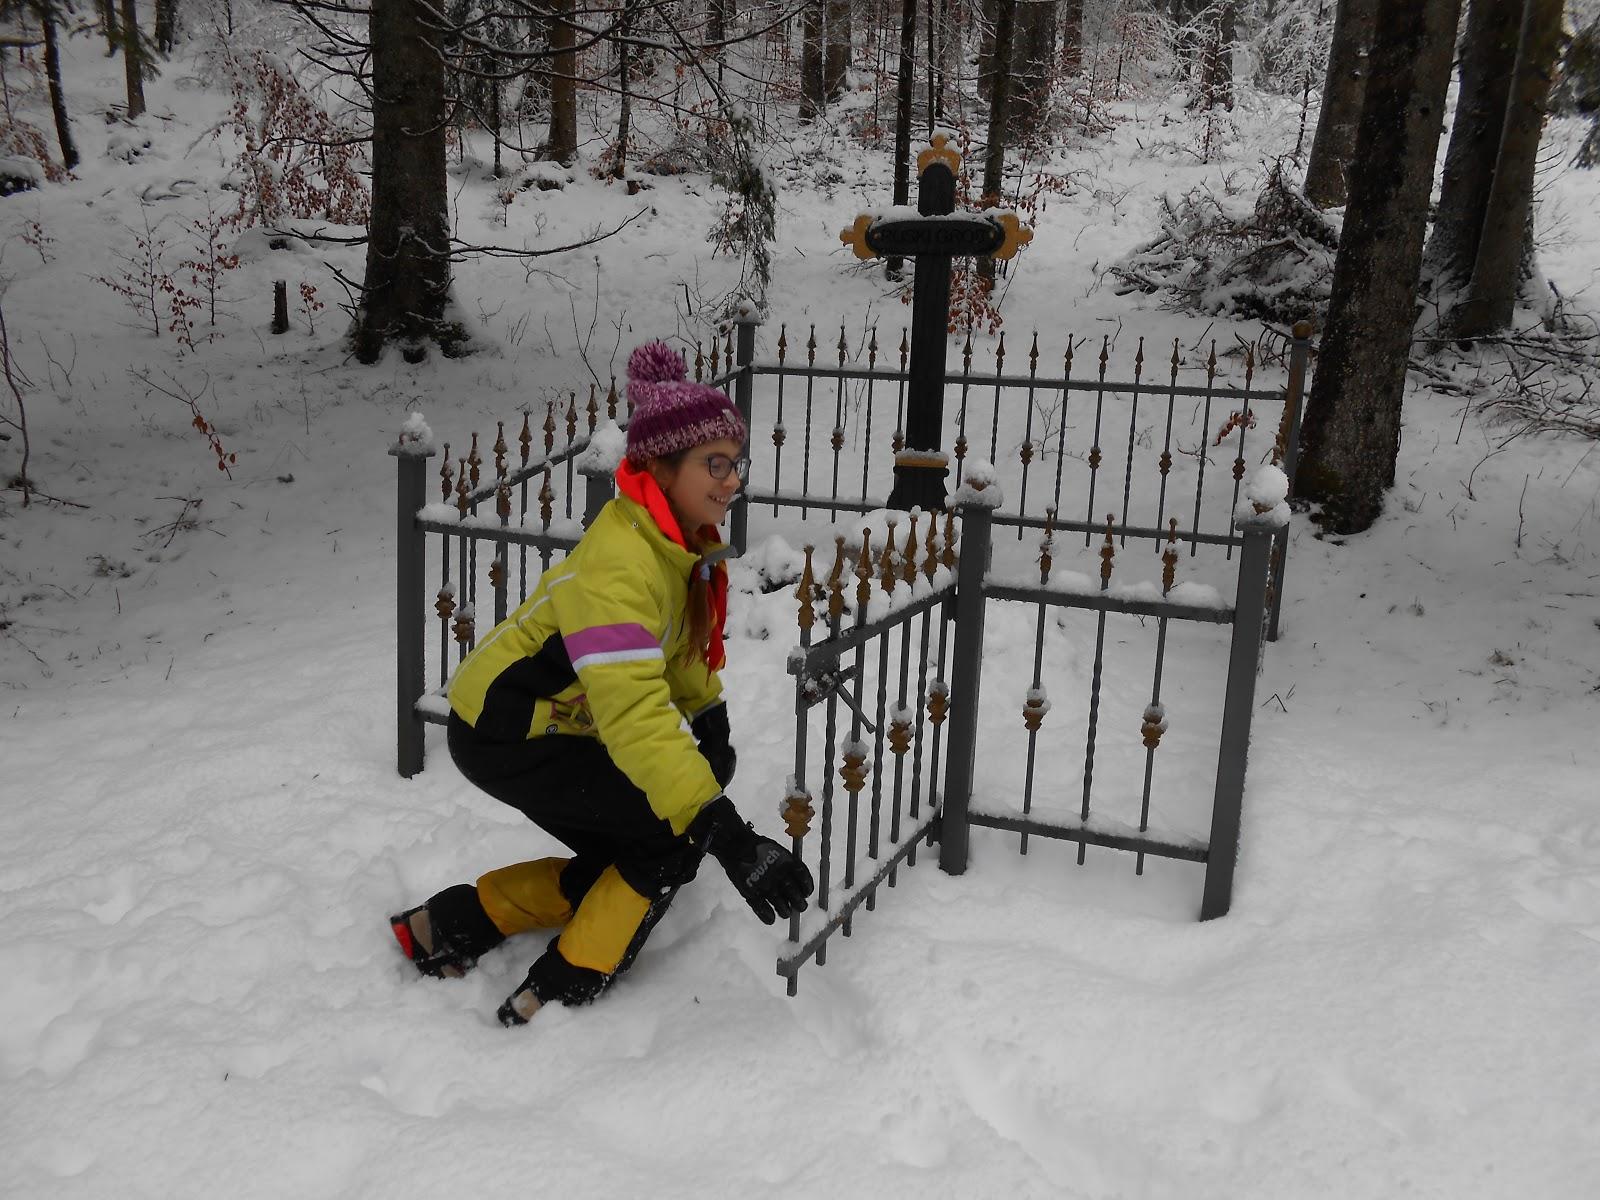 MČ zimovanje, Črni dol, 12.-13. februar 2016 - DSCN4991.JPG